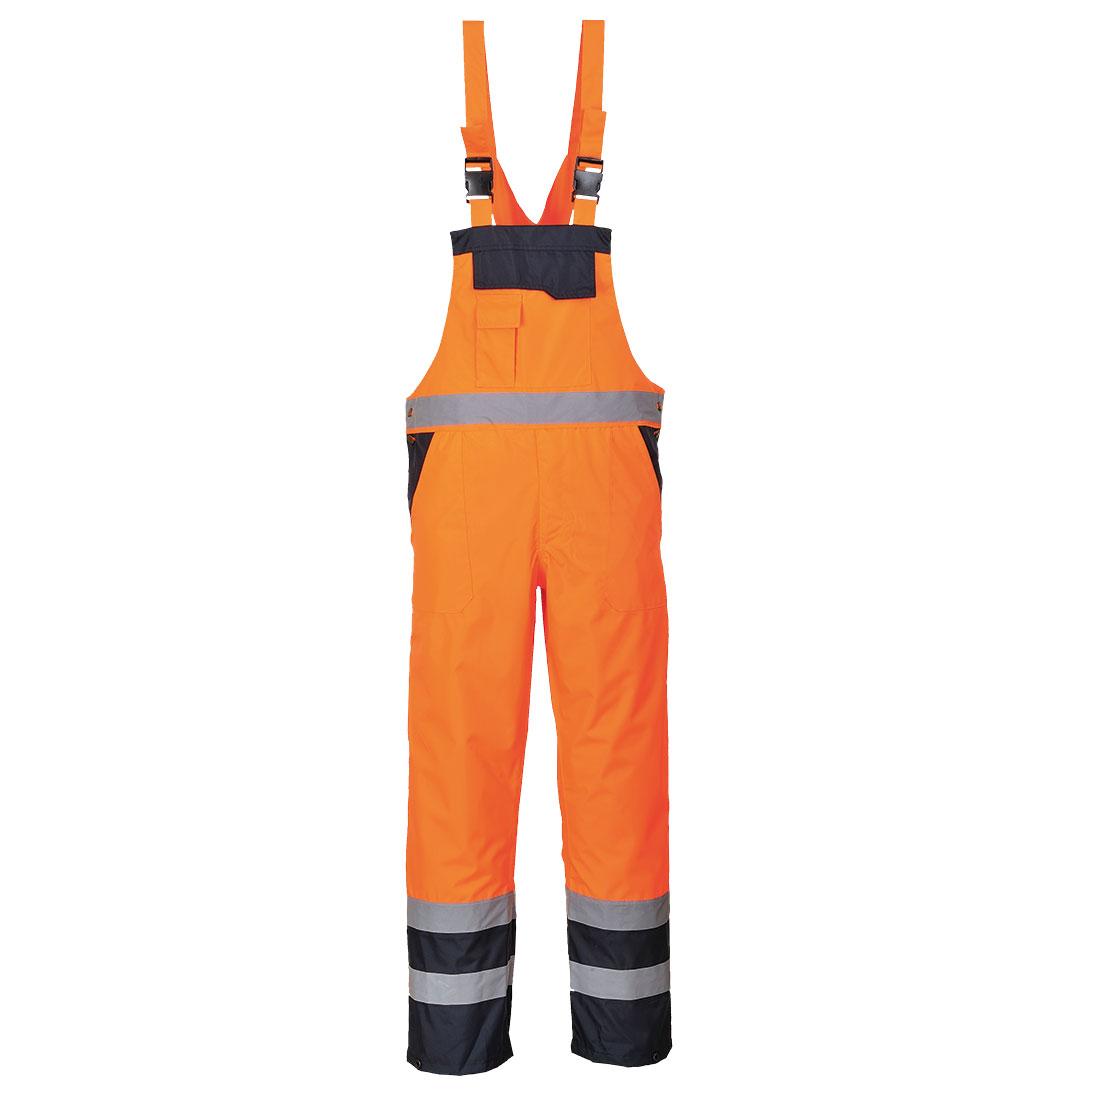 Contrast Bib & Brace - Lined Orange XL